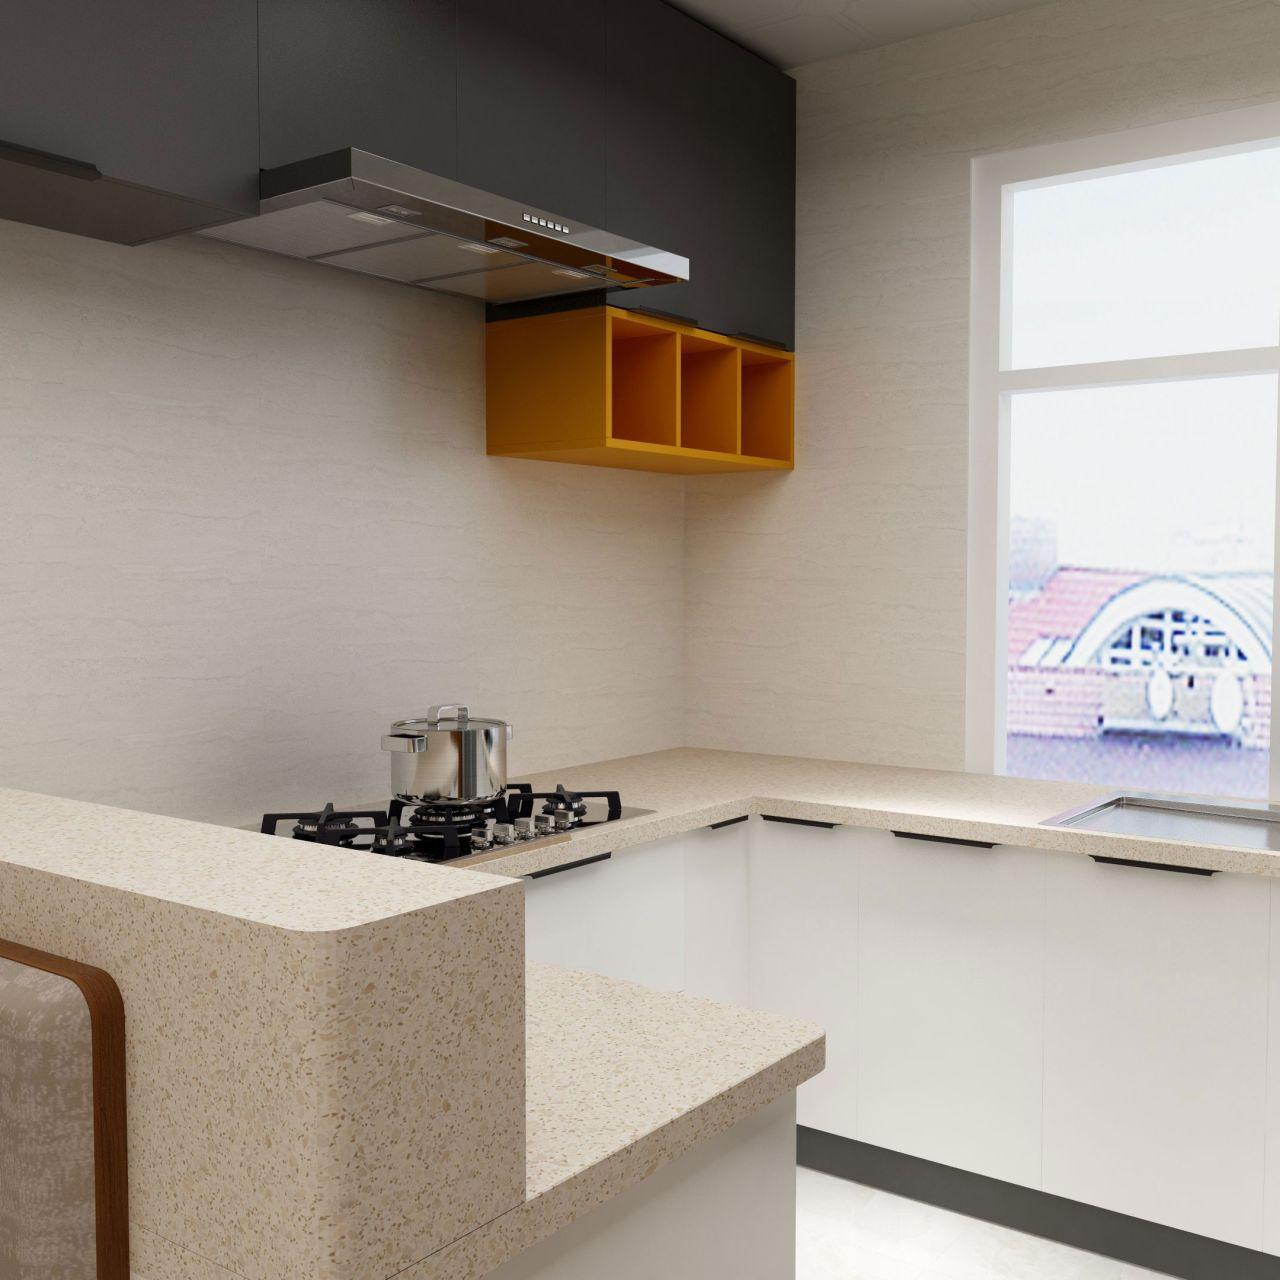 原木物语厨房整装套系 每平